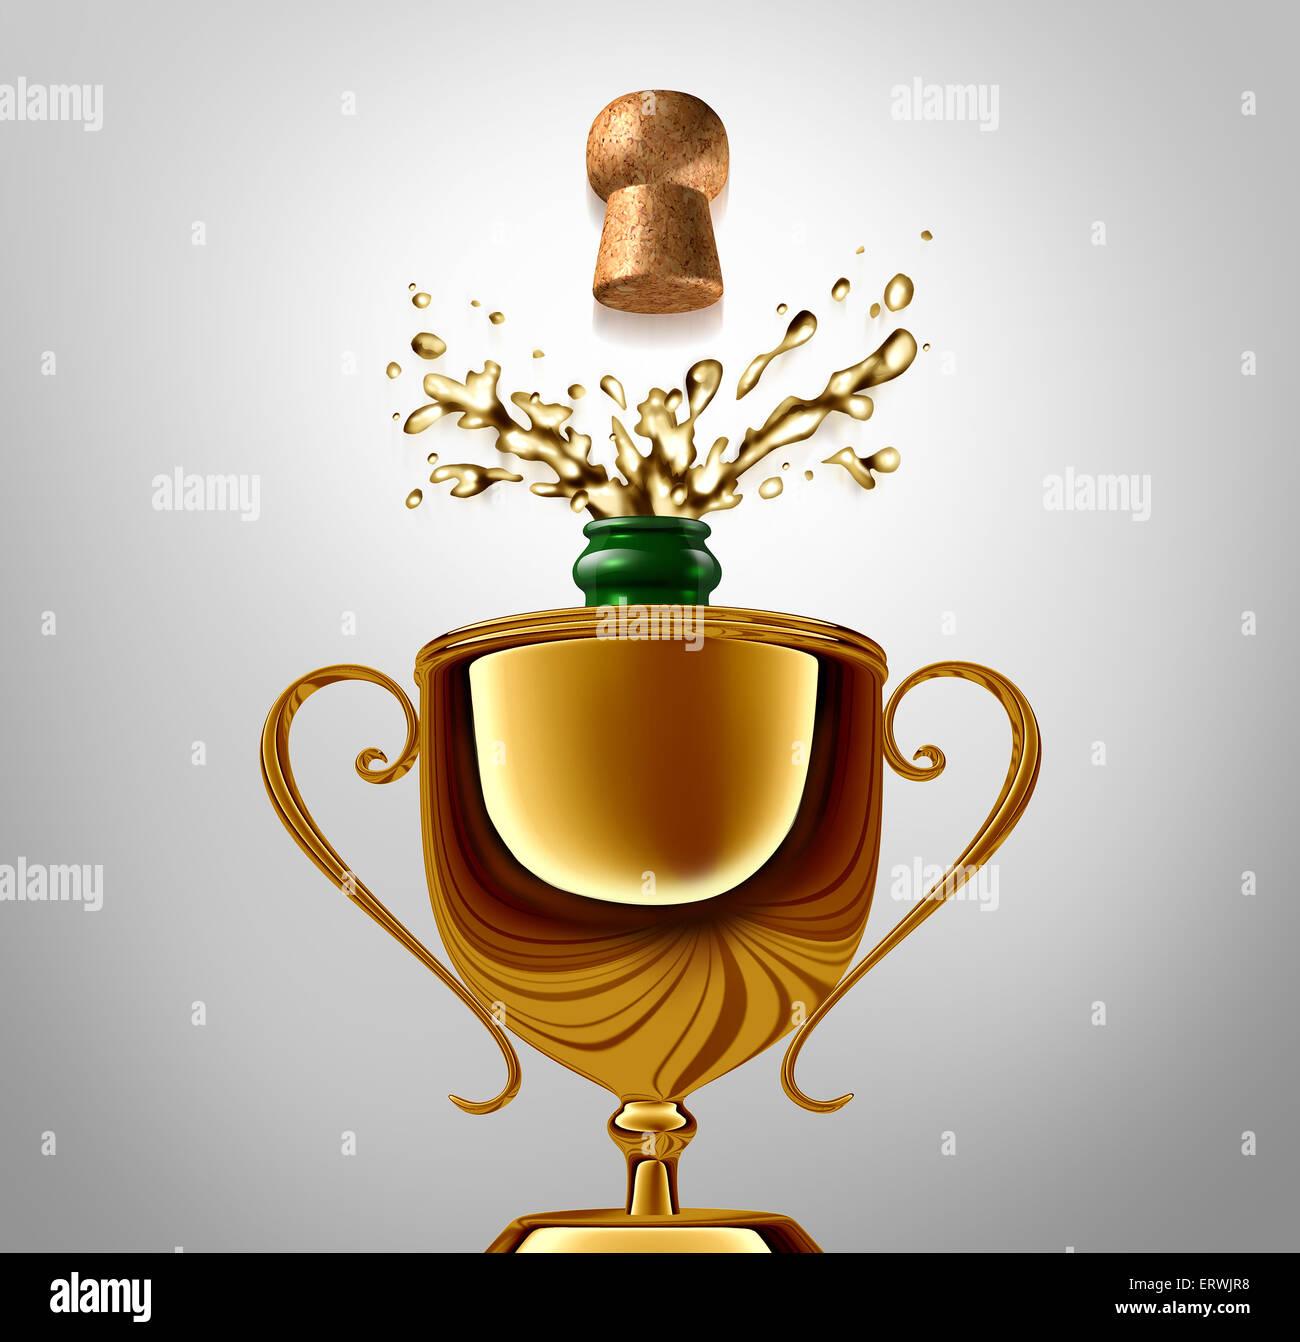 Gewinner fest-Konzept als eine goldene Trophäe mit einem entkorkt Champagner-Flasche im Inneren als Errungenschaft Stockbild